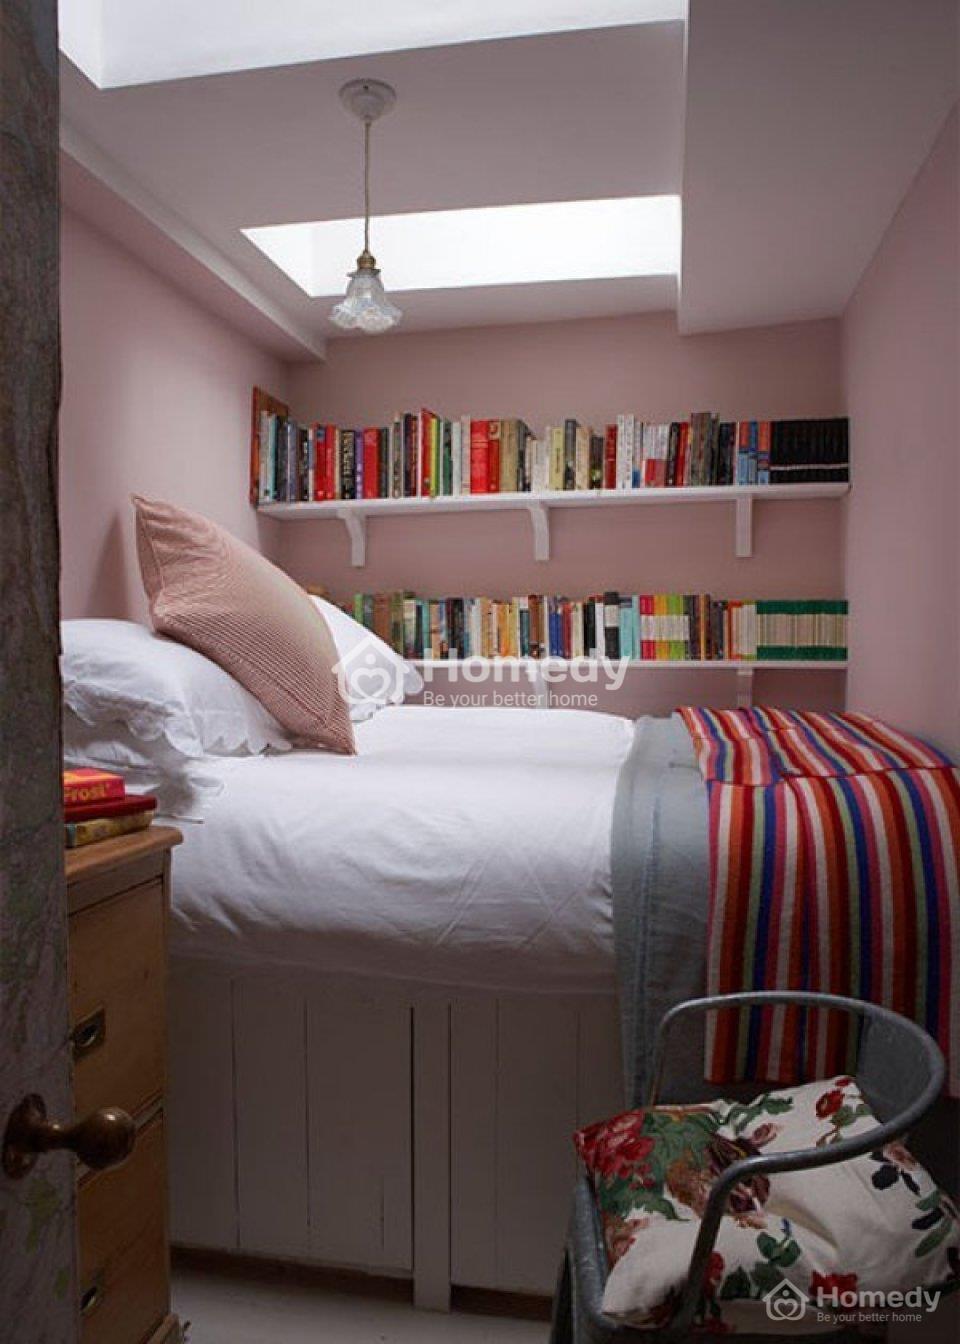 Phòng ngủ không có cửa sổ vẫn sáng sủa nhờ hệ thống đèn LED trên trần